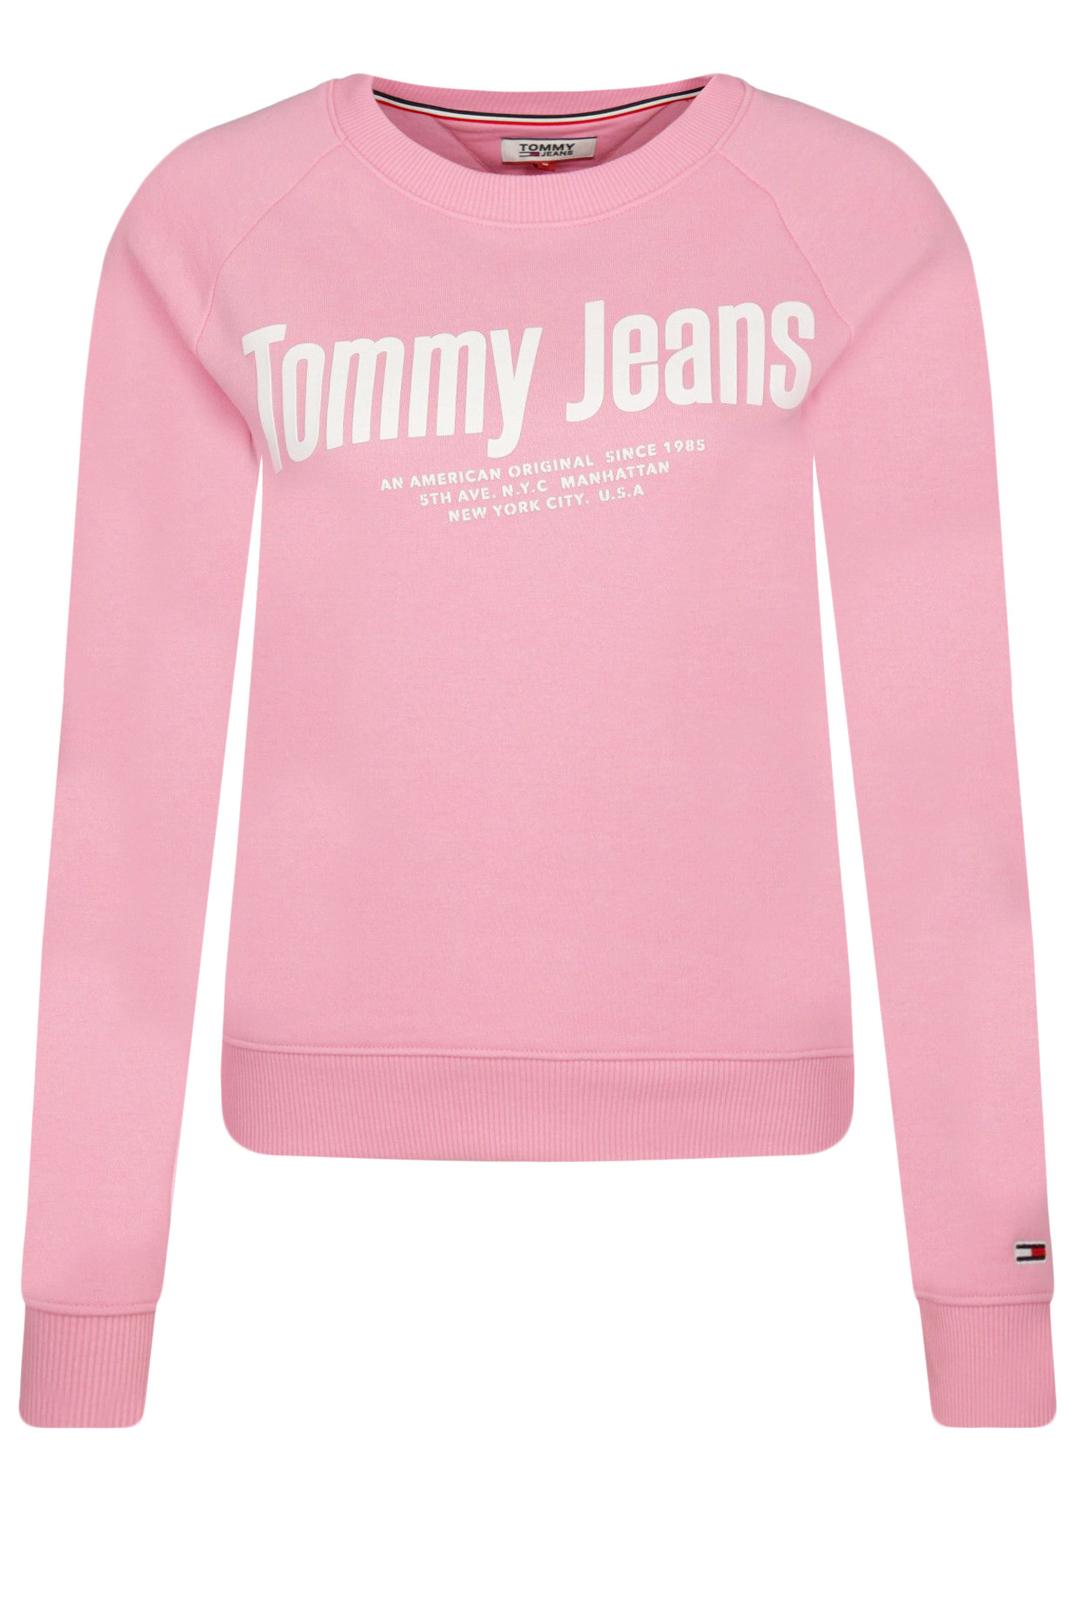 Sweat / sweat zippé  Tommy Jeans DW0DW07978 CHEST TOU PINK DAISY